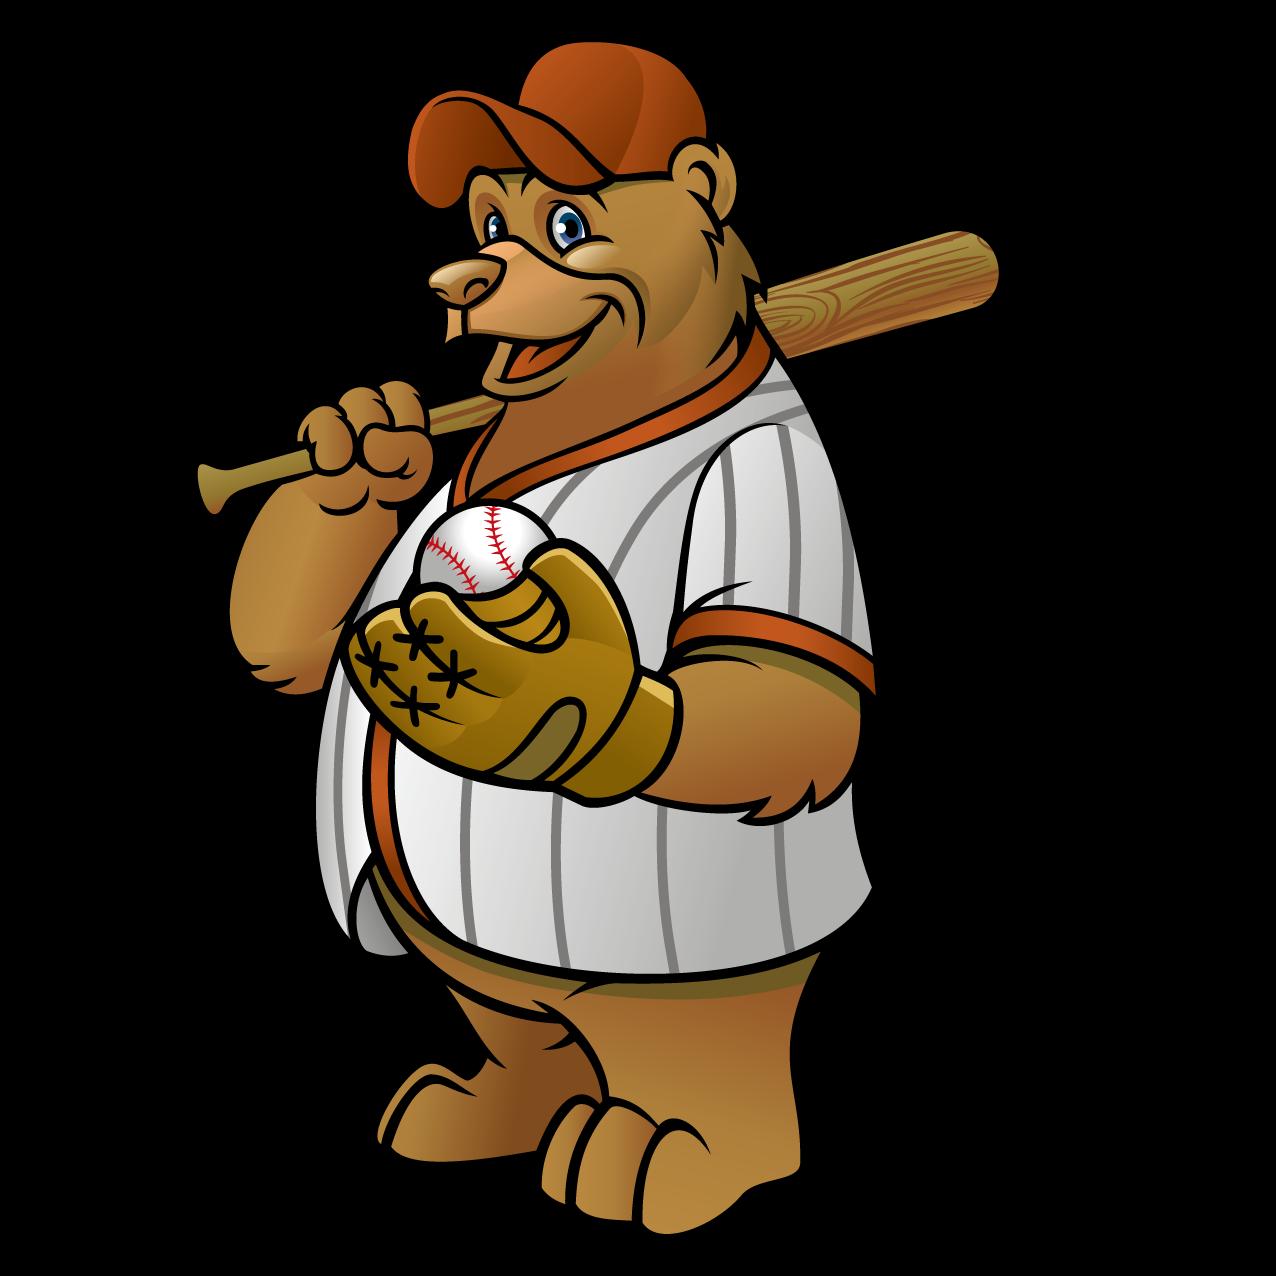 clip library library Baseball clip character. Bear cub clipart at